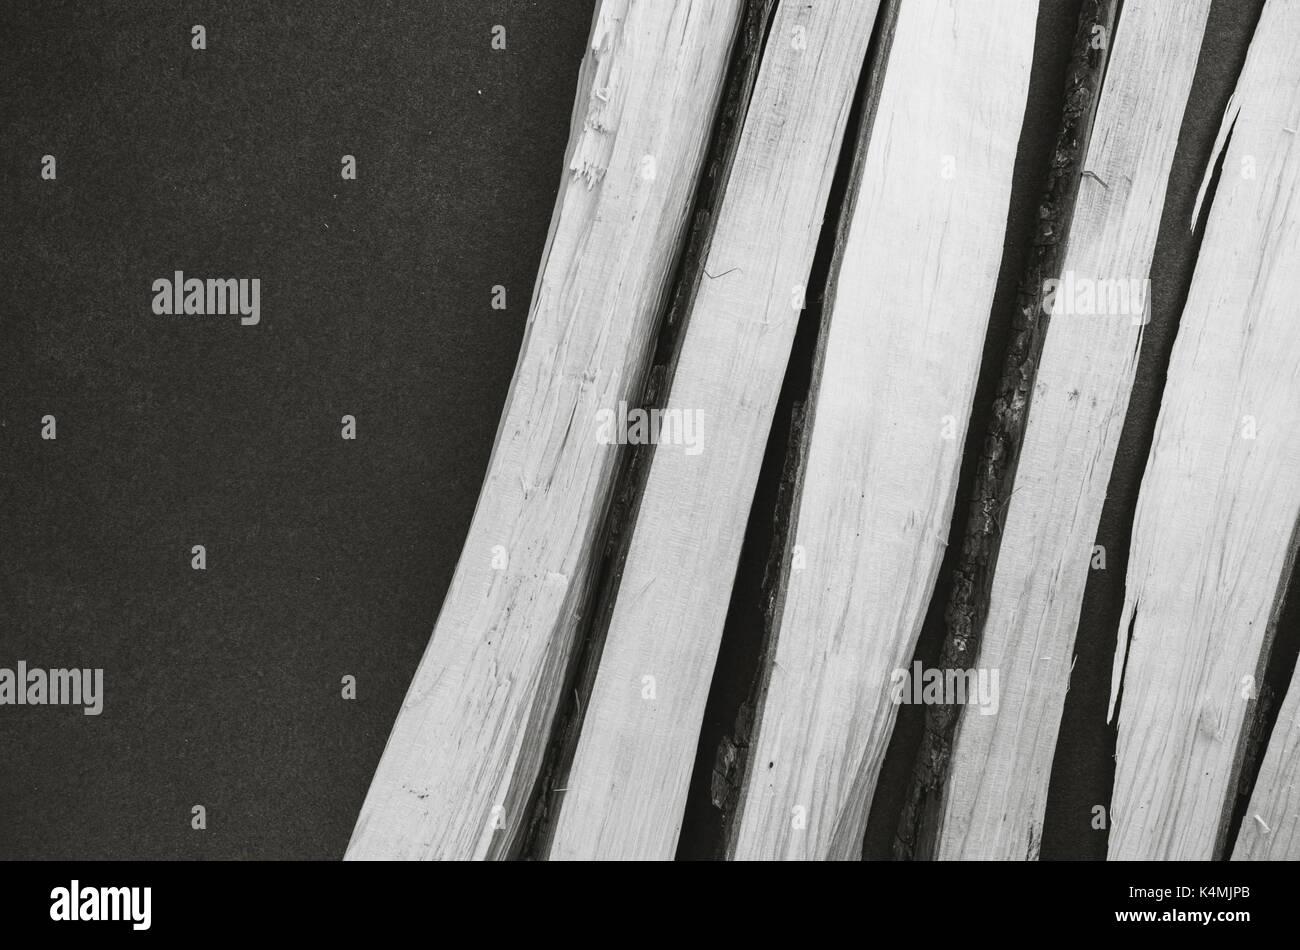 Gehackte Holz auf einem dunklen Stein Arbeitsplatte - Ansicht von oben Stockfoto